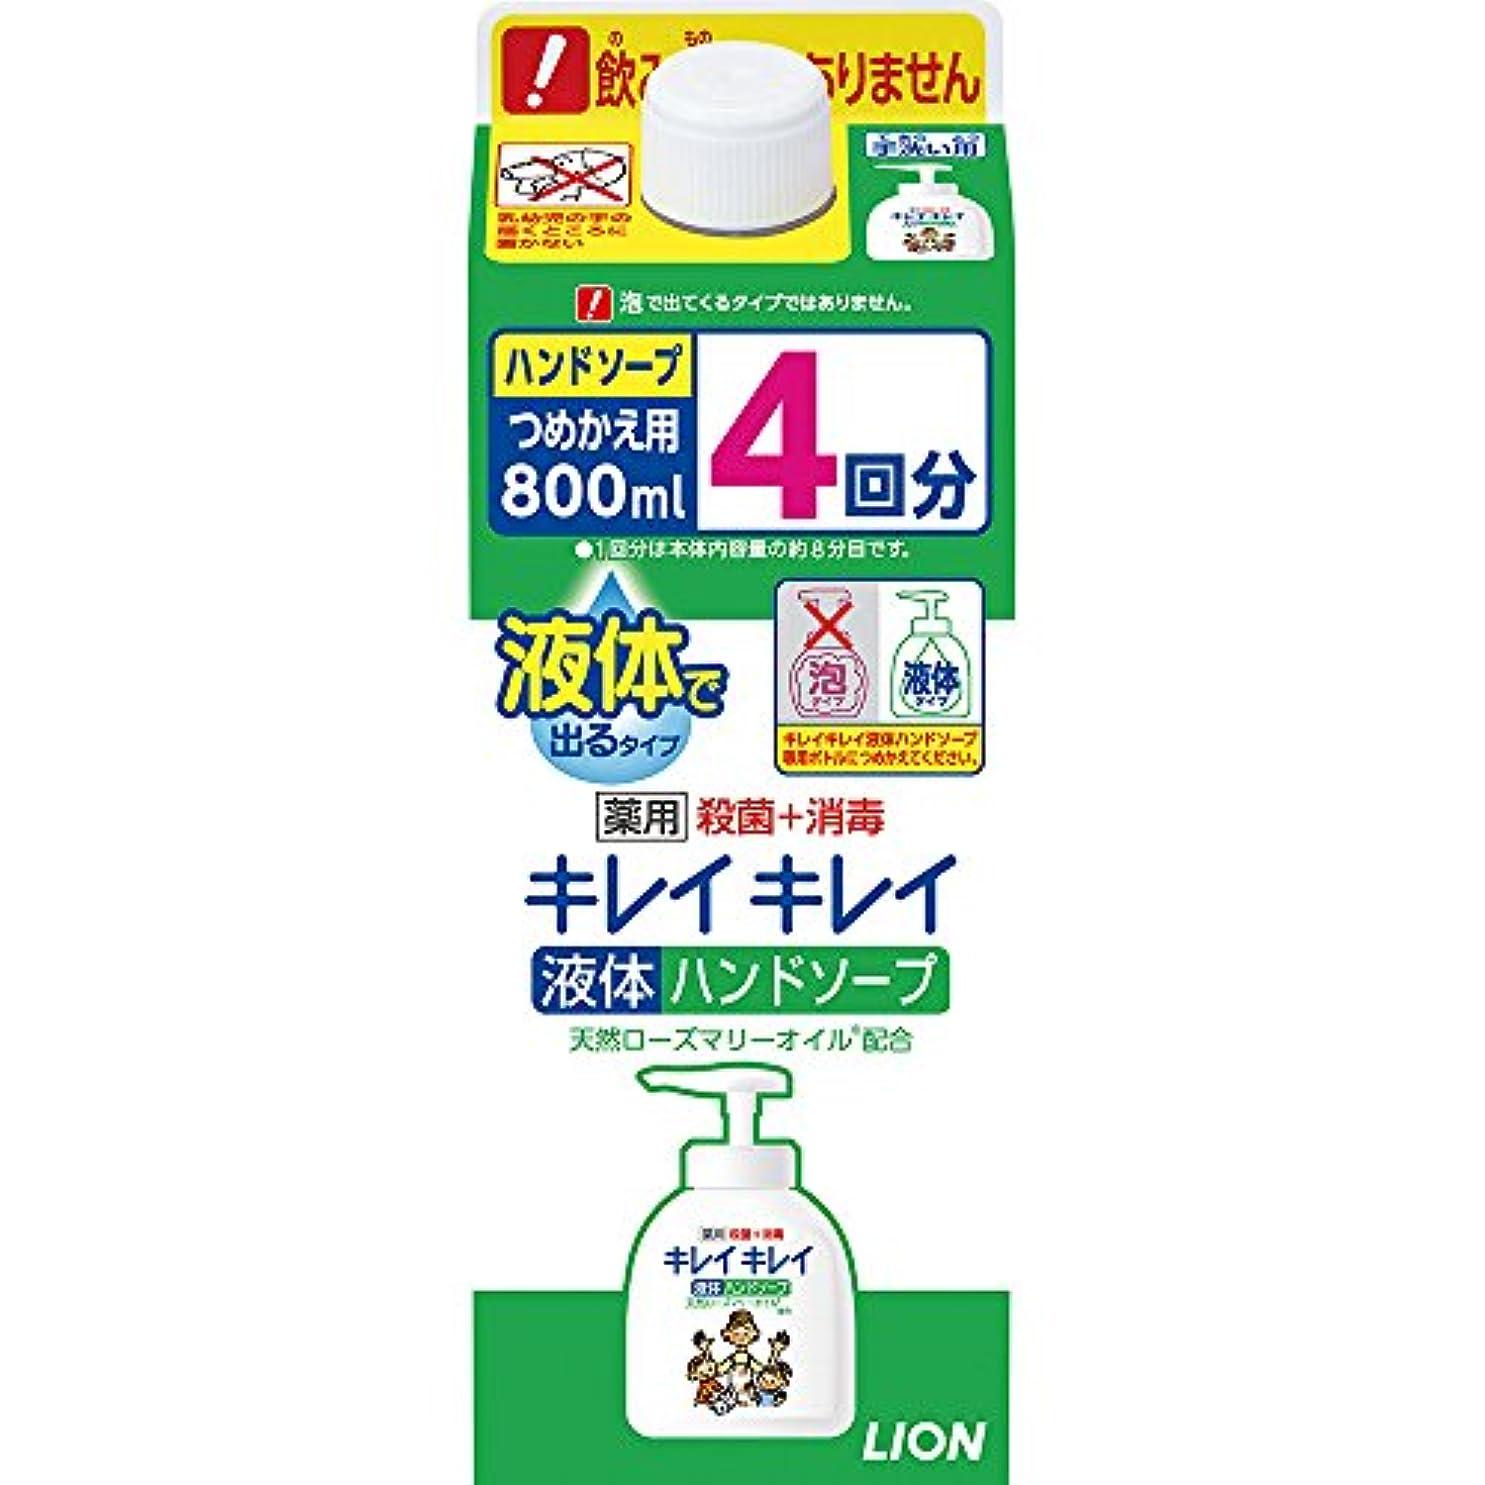 配分ヘッドレス風刺(医薬部外品)【大容量】キレイキレイ 薬用 液体ハンドソープ 詰め替え 特大 800ml